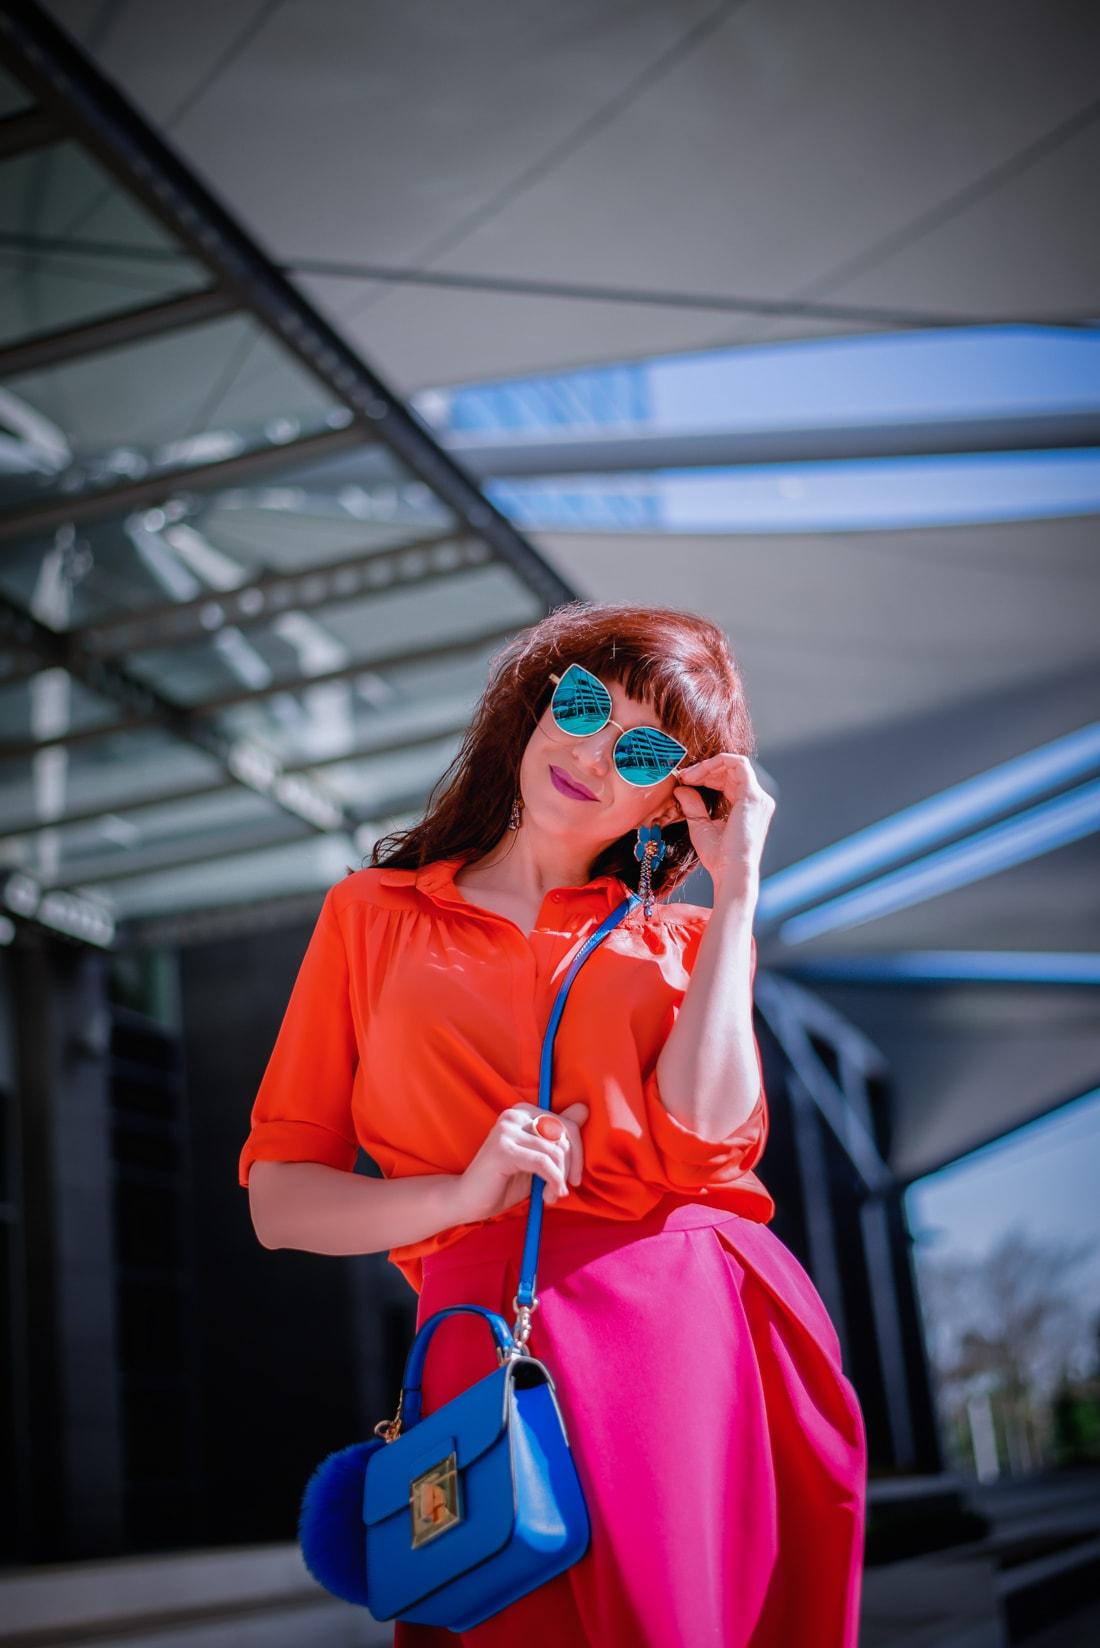 BLOGOVANIE - KDE JE SPRÁVNA HRANICA MEDZI ONLINE A OFFLINE SVETOM?_Katharine-fashion is beautiful_blog 3_Panorama city_Ružová sukňa Topankovo_Modrá kabelka Aldo_Katarína Jakubčová_Fashion blogerka